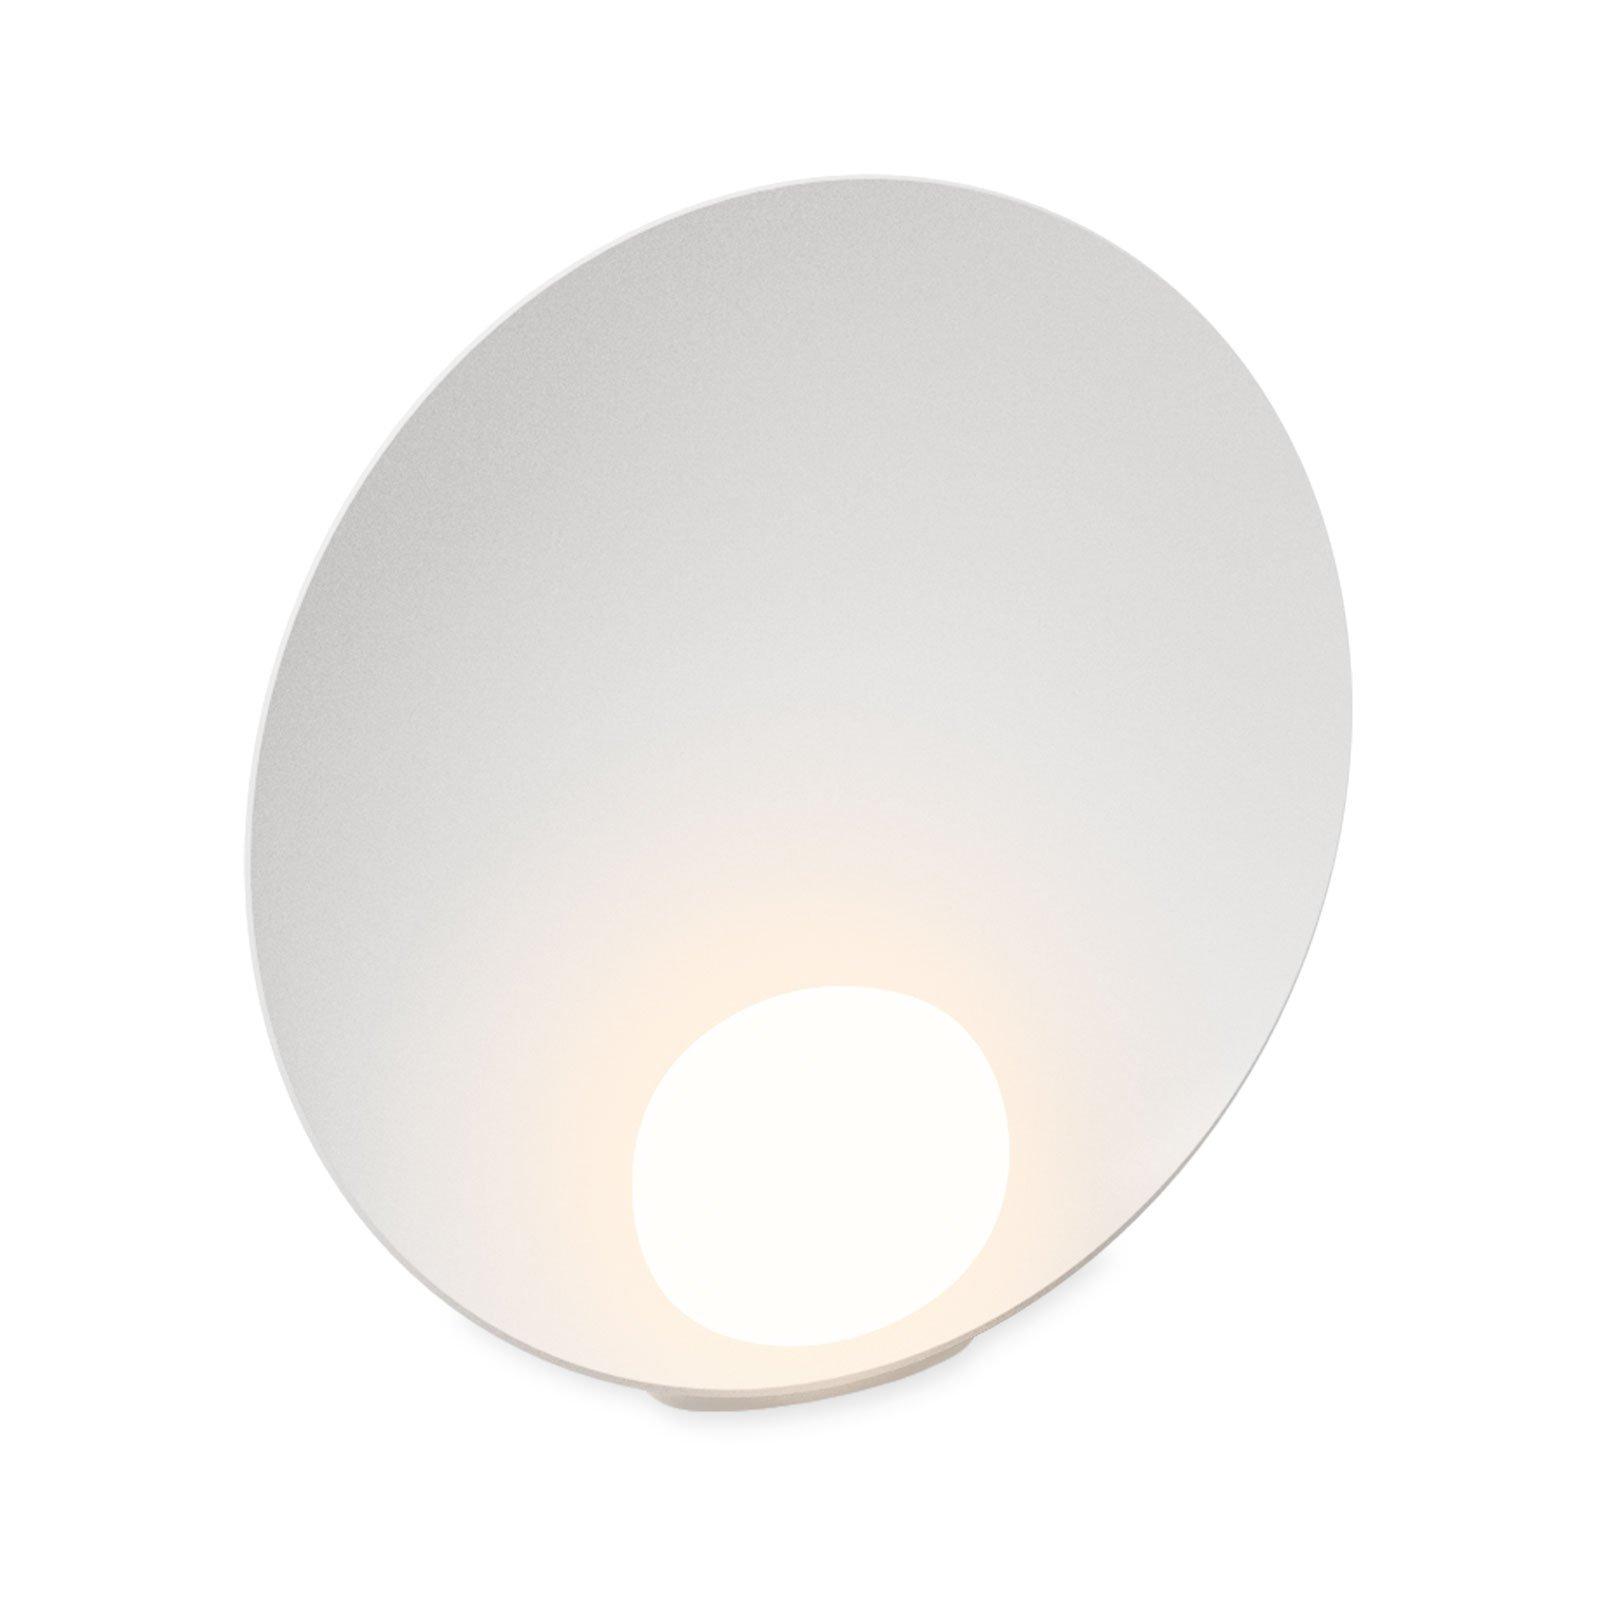 Vibia Musa 7400 LED-bordlampe stående, hvit